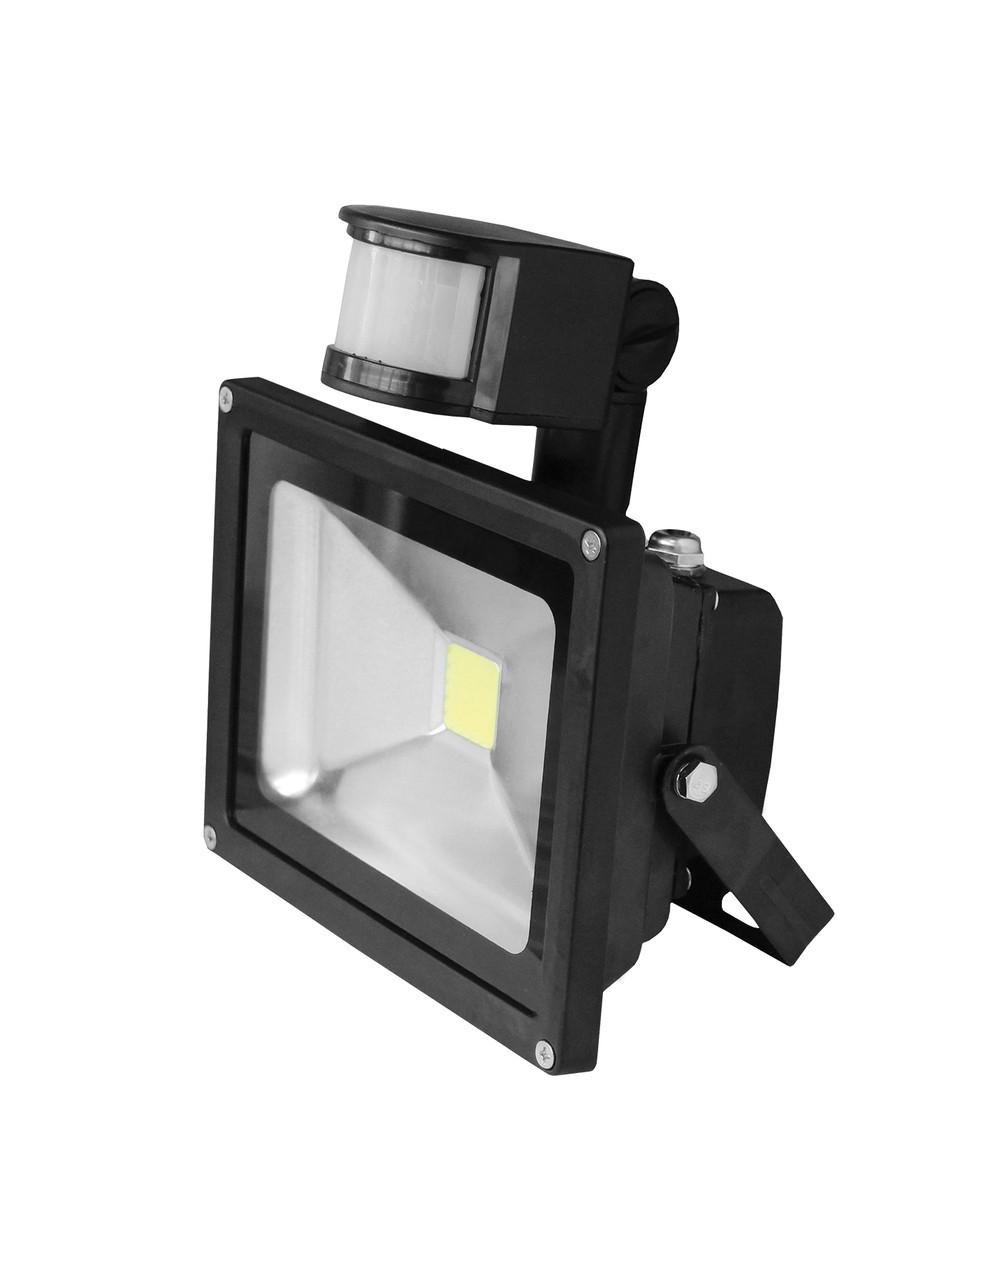 LED Прожектор EUROELECTRIC COB с датчиком движения 10W 6500K